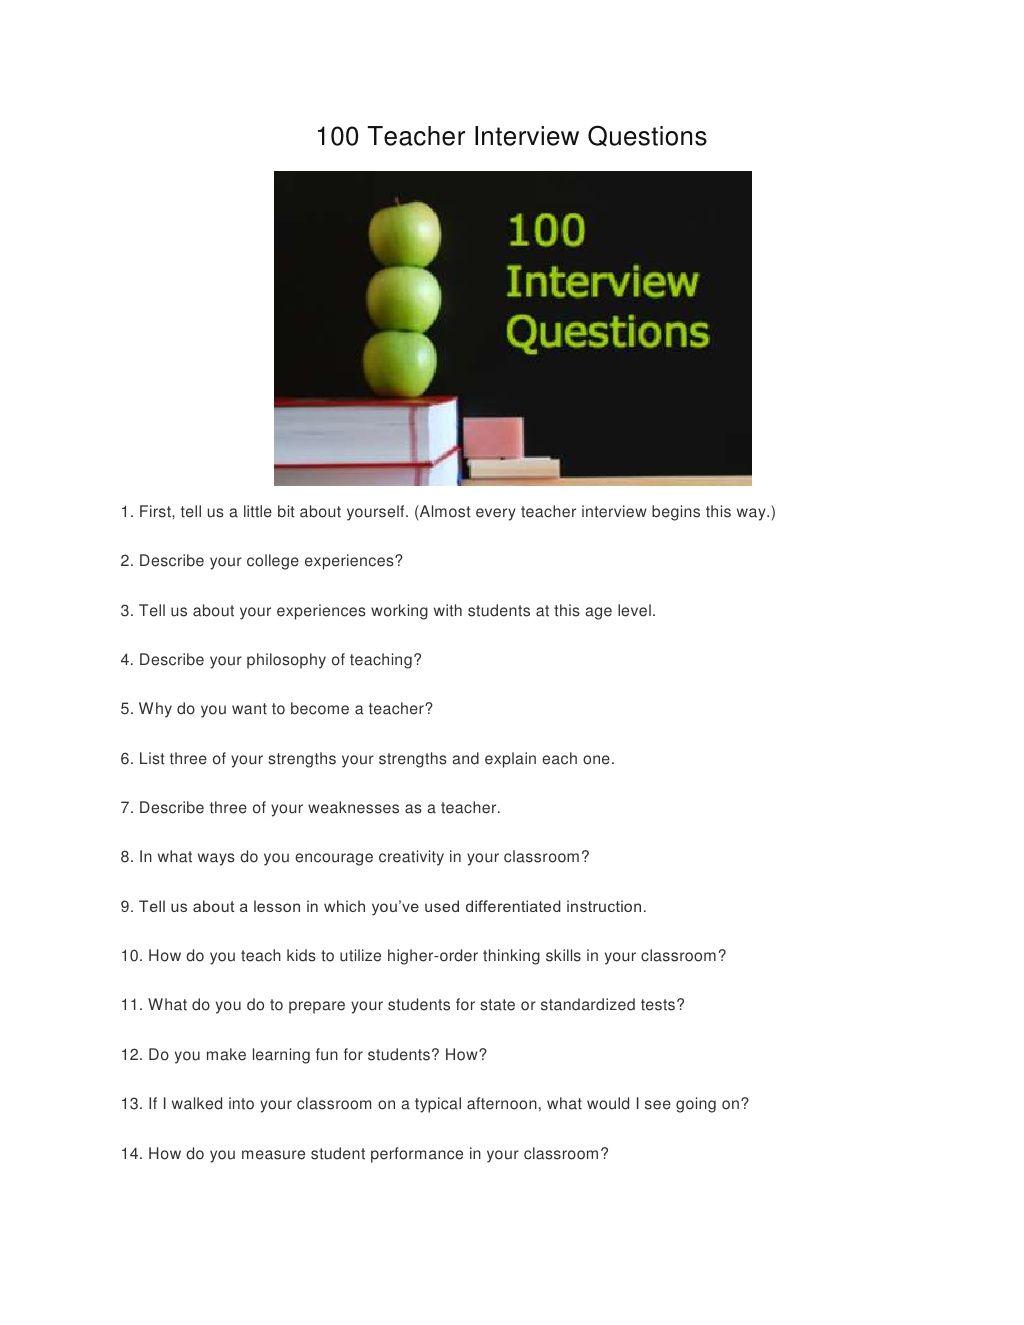 100 Teacher Interview Questions | Interviewing | Teacher